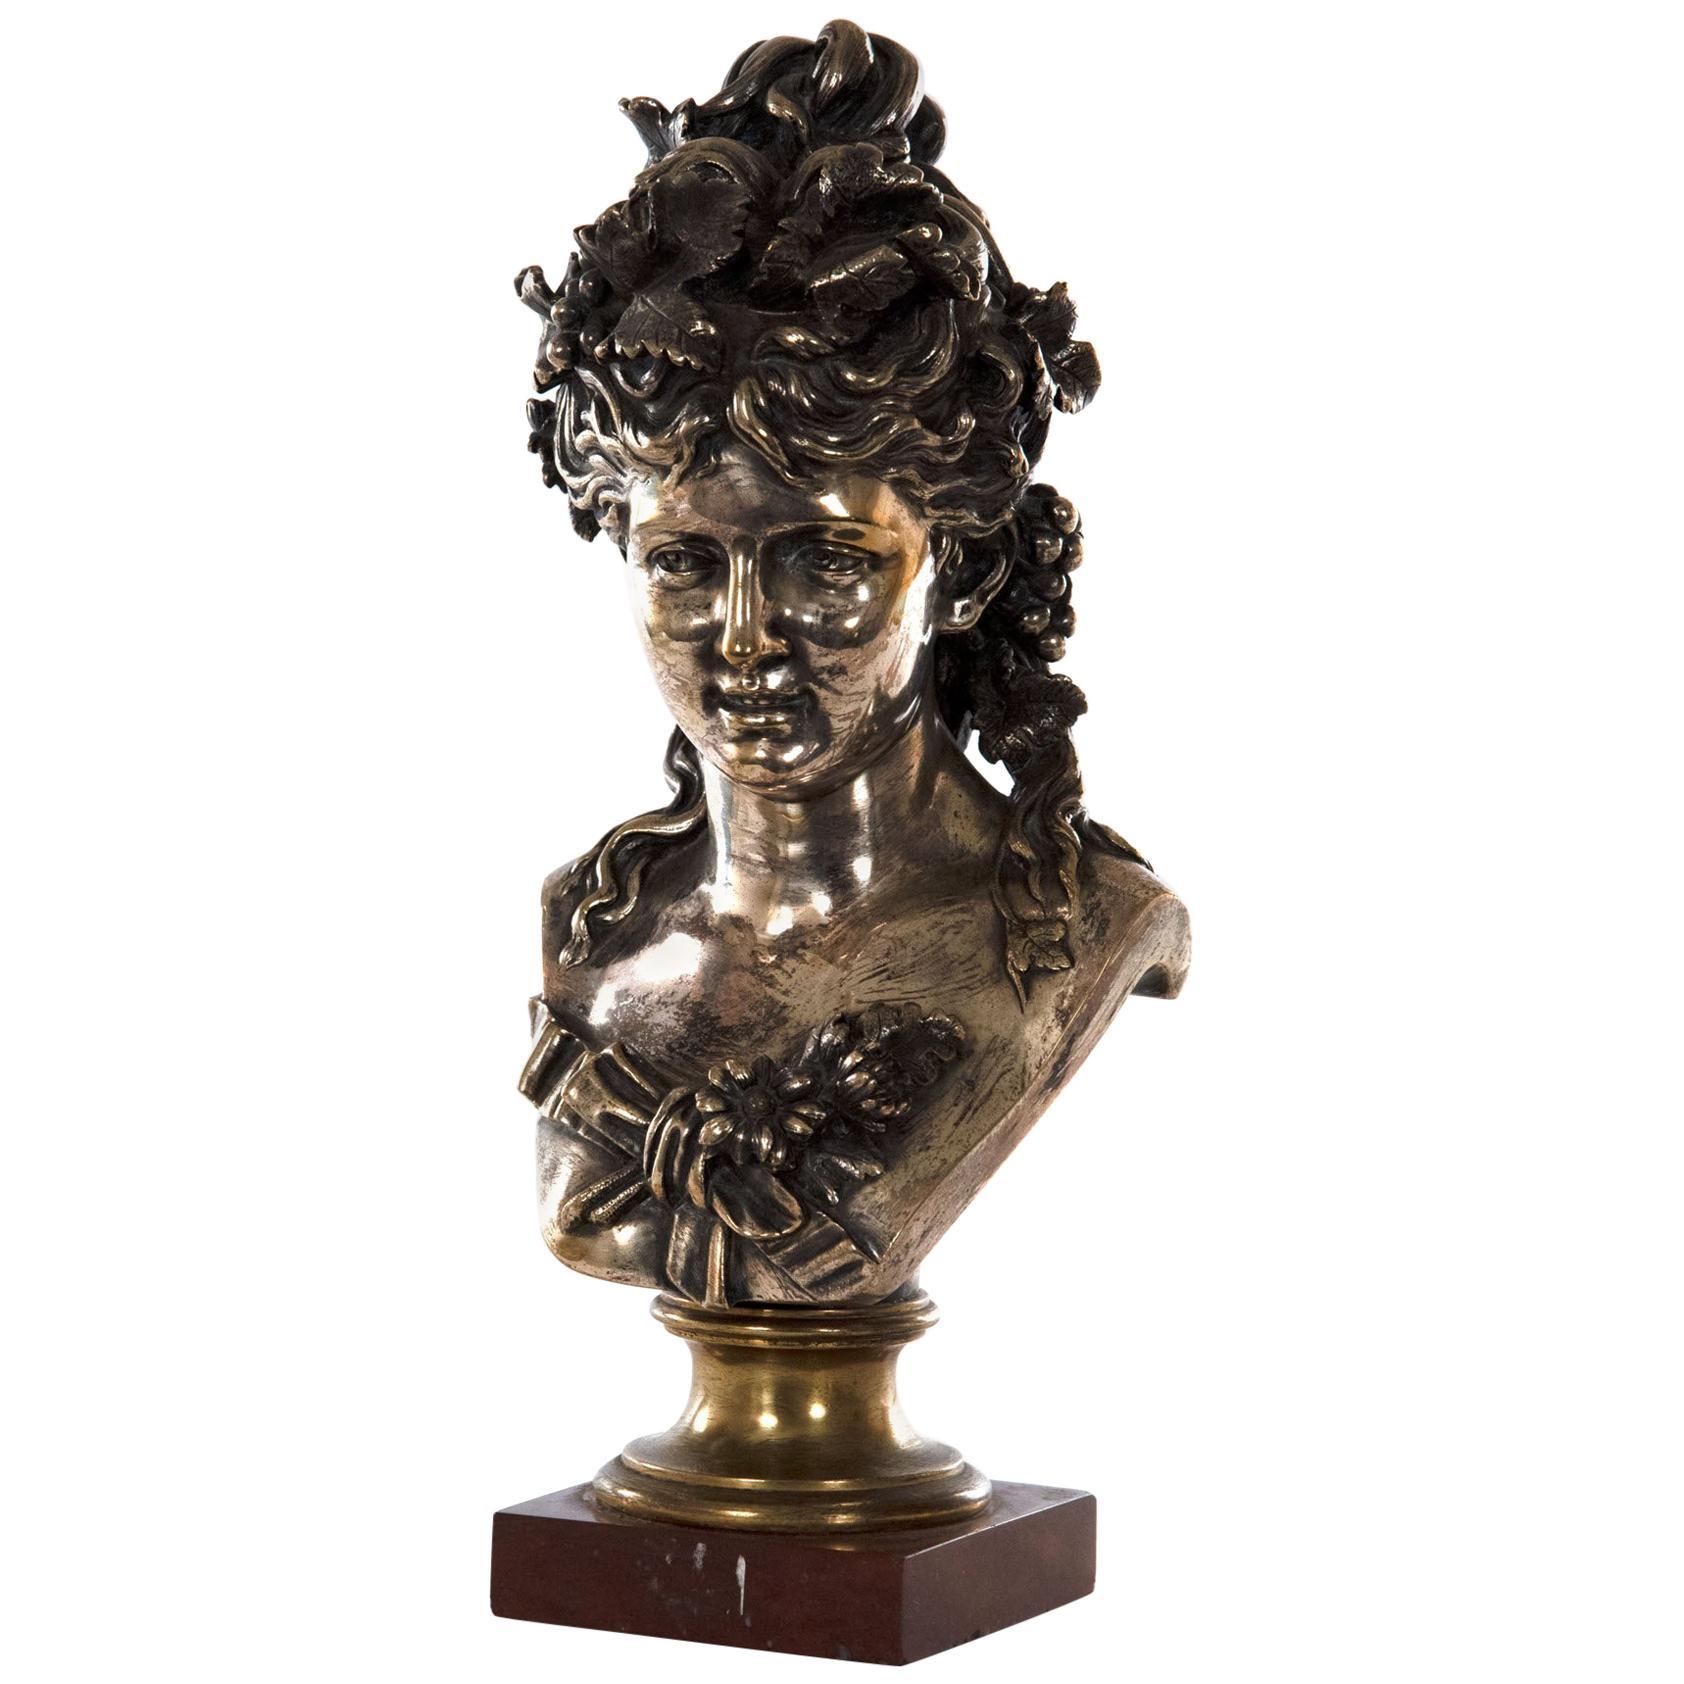 Silver-Gilt Bronze of a Woman by Jean-Louis Grégoire